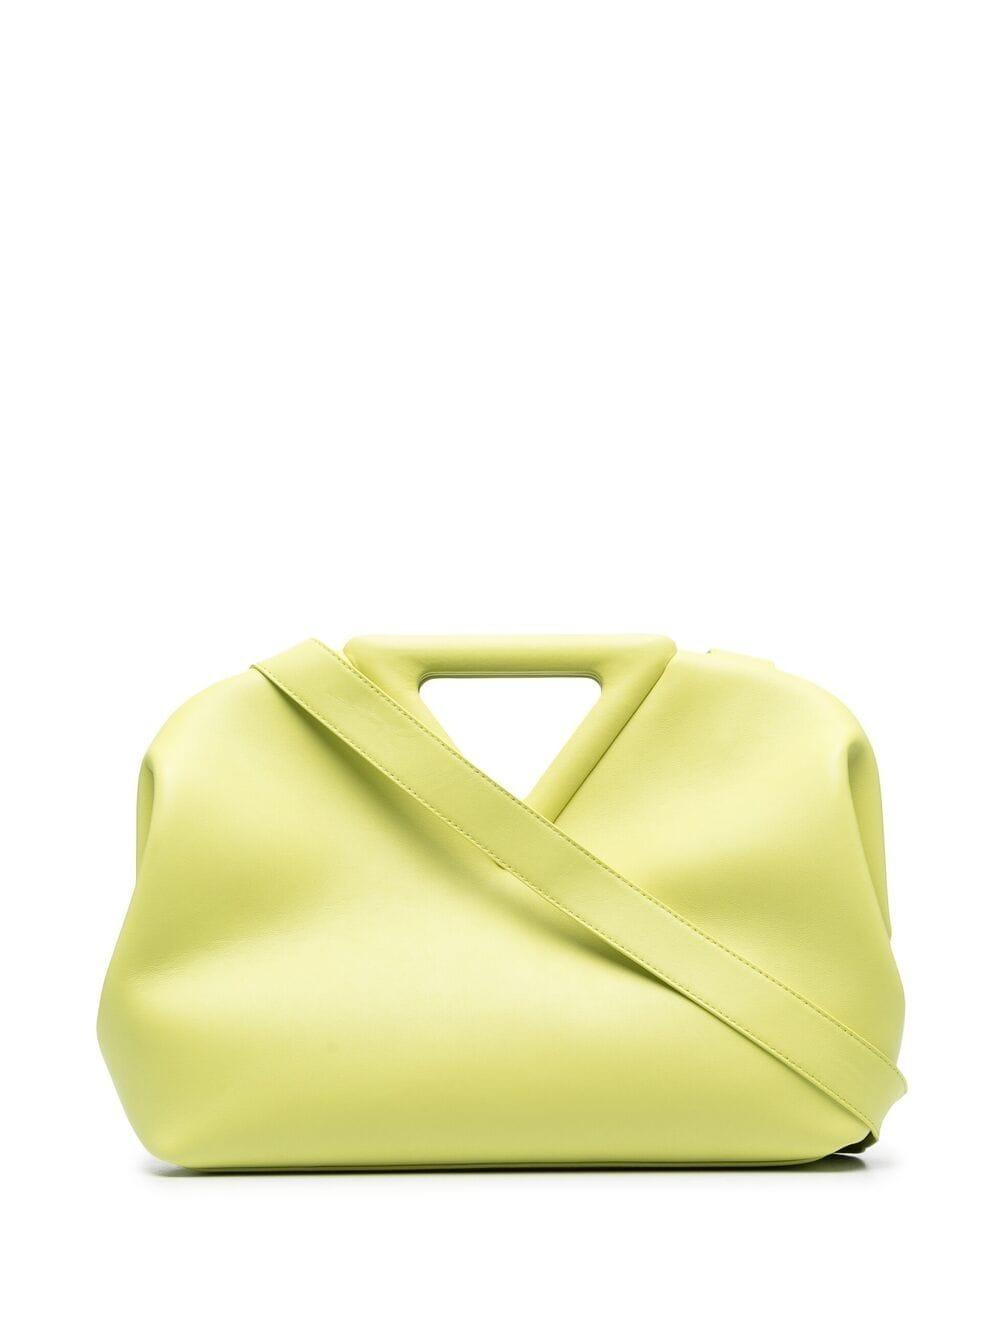 Bottega Veneta Point Handtasche - Gelb